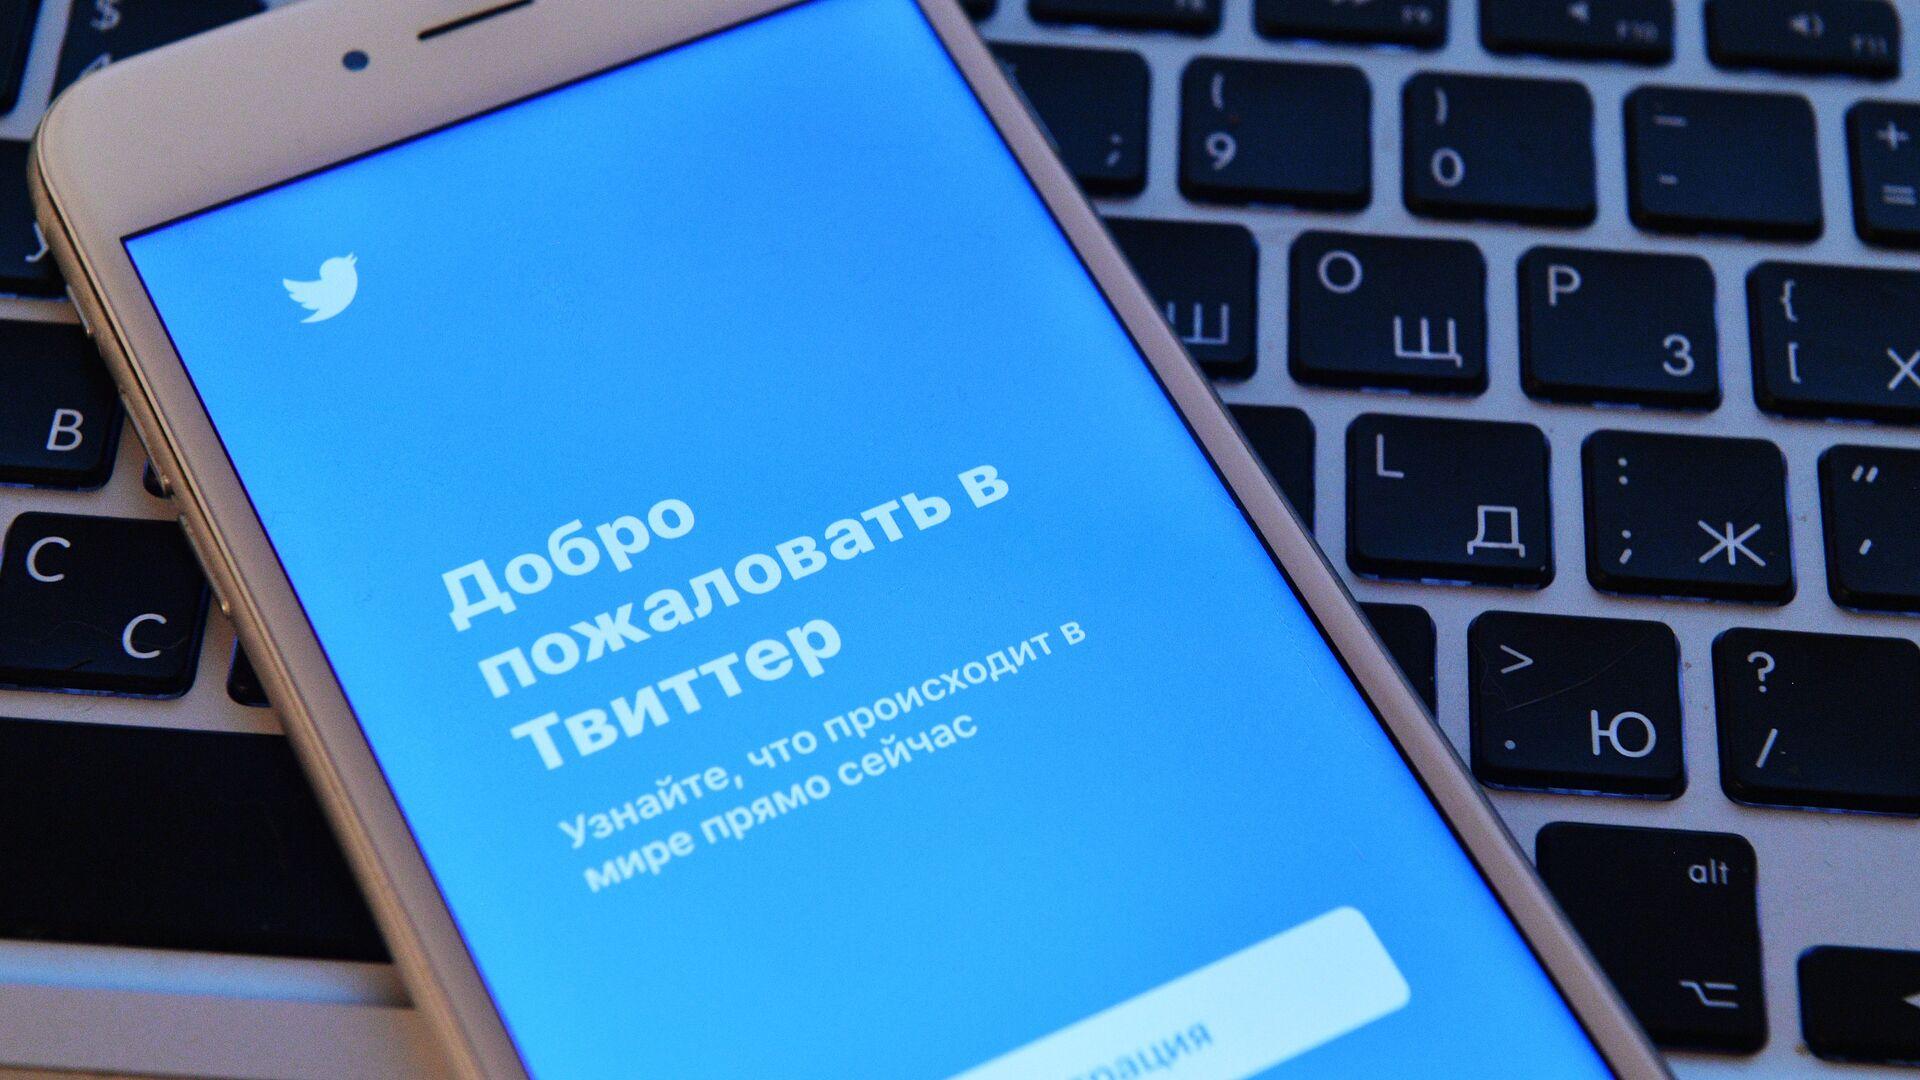 Страница социальной сети Twitter на экране смартфона - РИА Новости, 1920, 28.10.2020